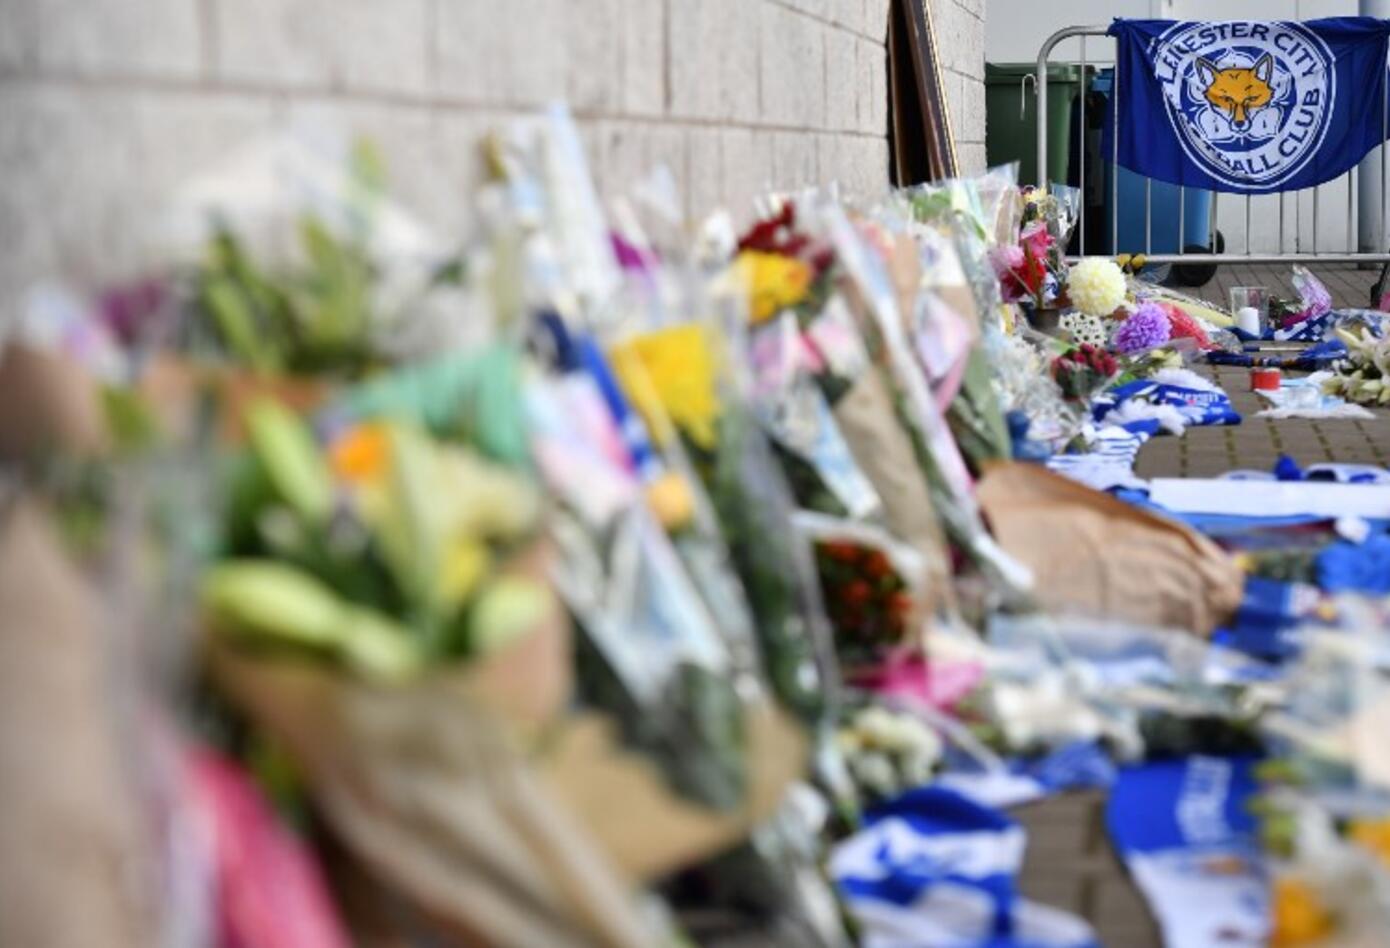 Se desconoce aún si hay víctimas o cuántas personas iban a bordo, aunque la cadena británica BBC asegura que el dueño del Leicester iba a bordo